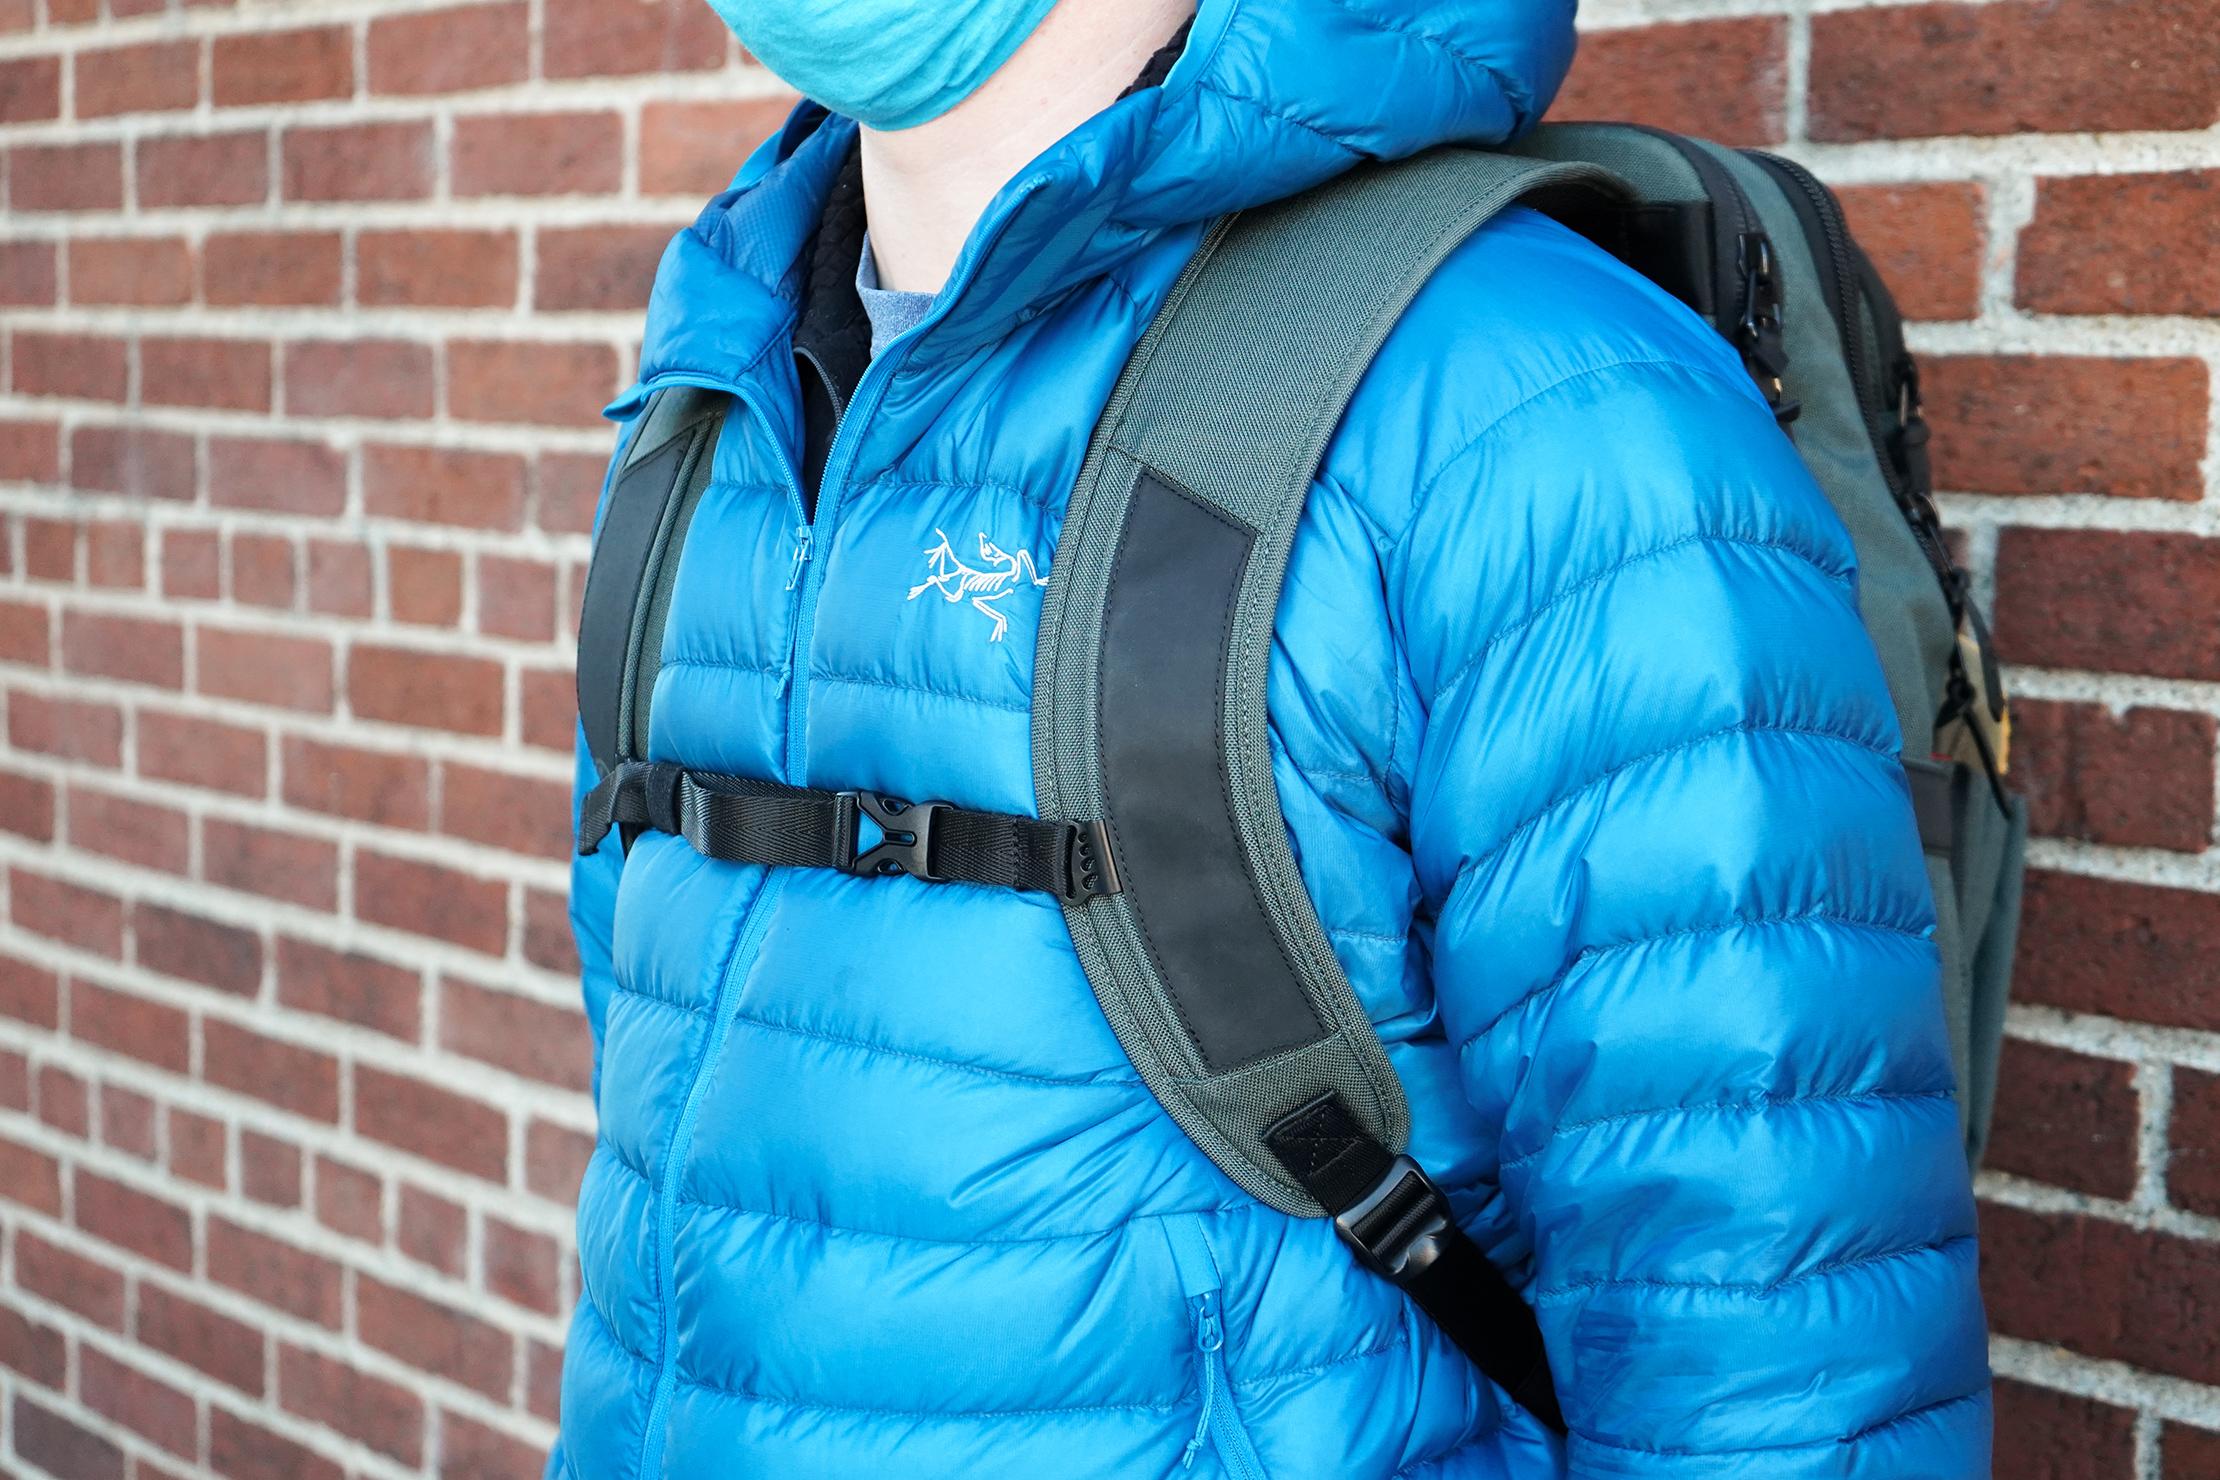 King Kong Apparel PLUS26 Backpack Shoulder Straps